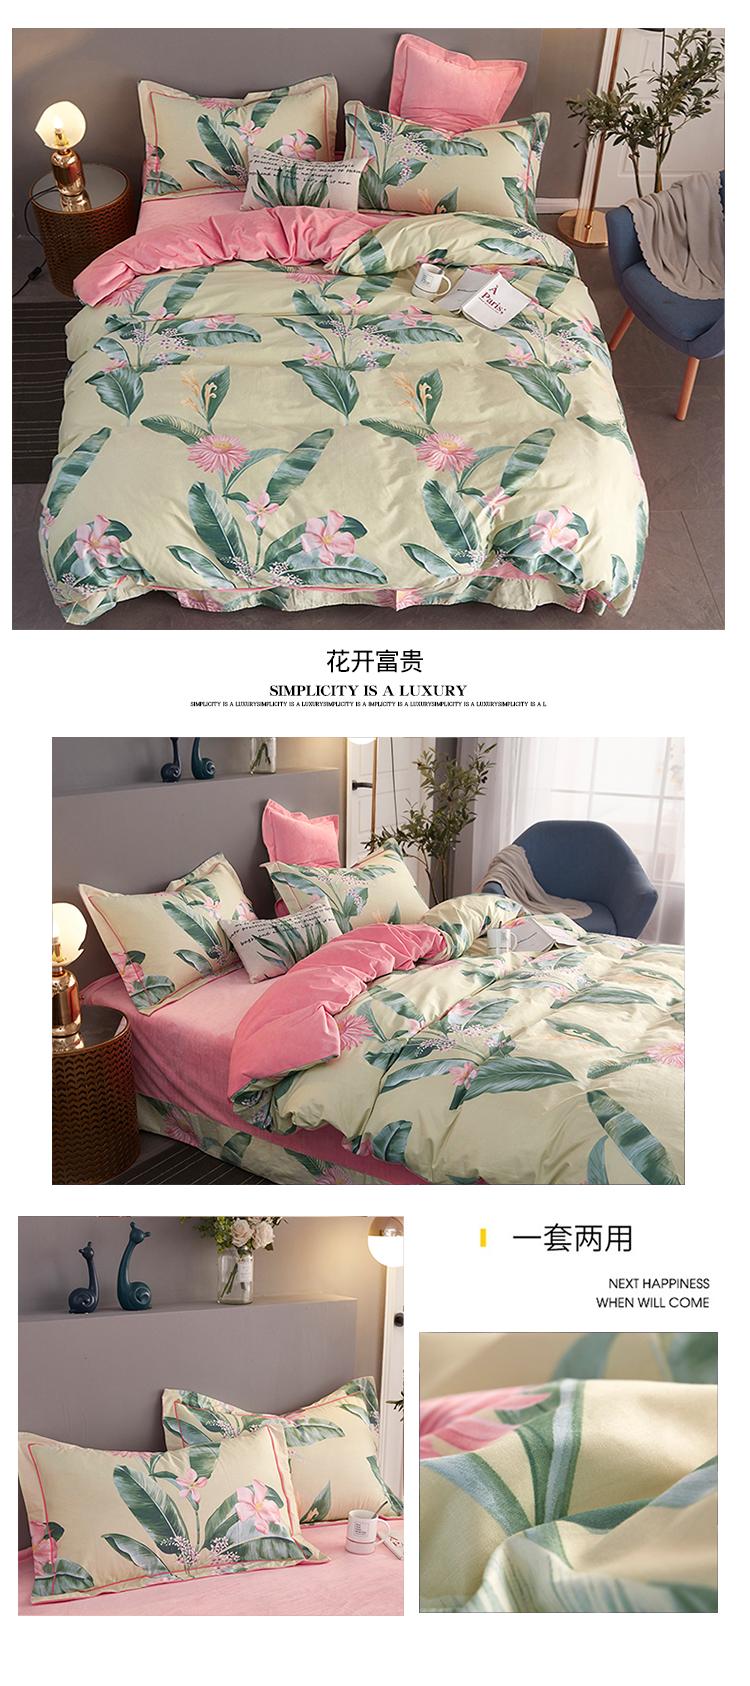 小资生活-草莓粉-棉加绒四件套-1-4_14.jpg